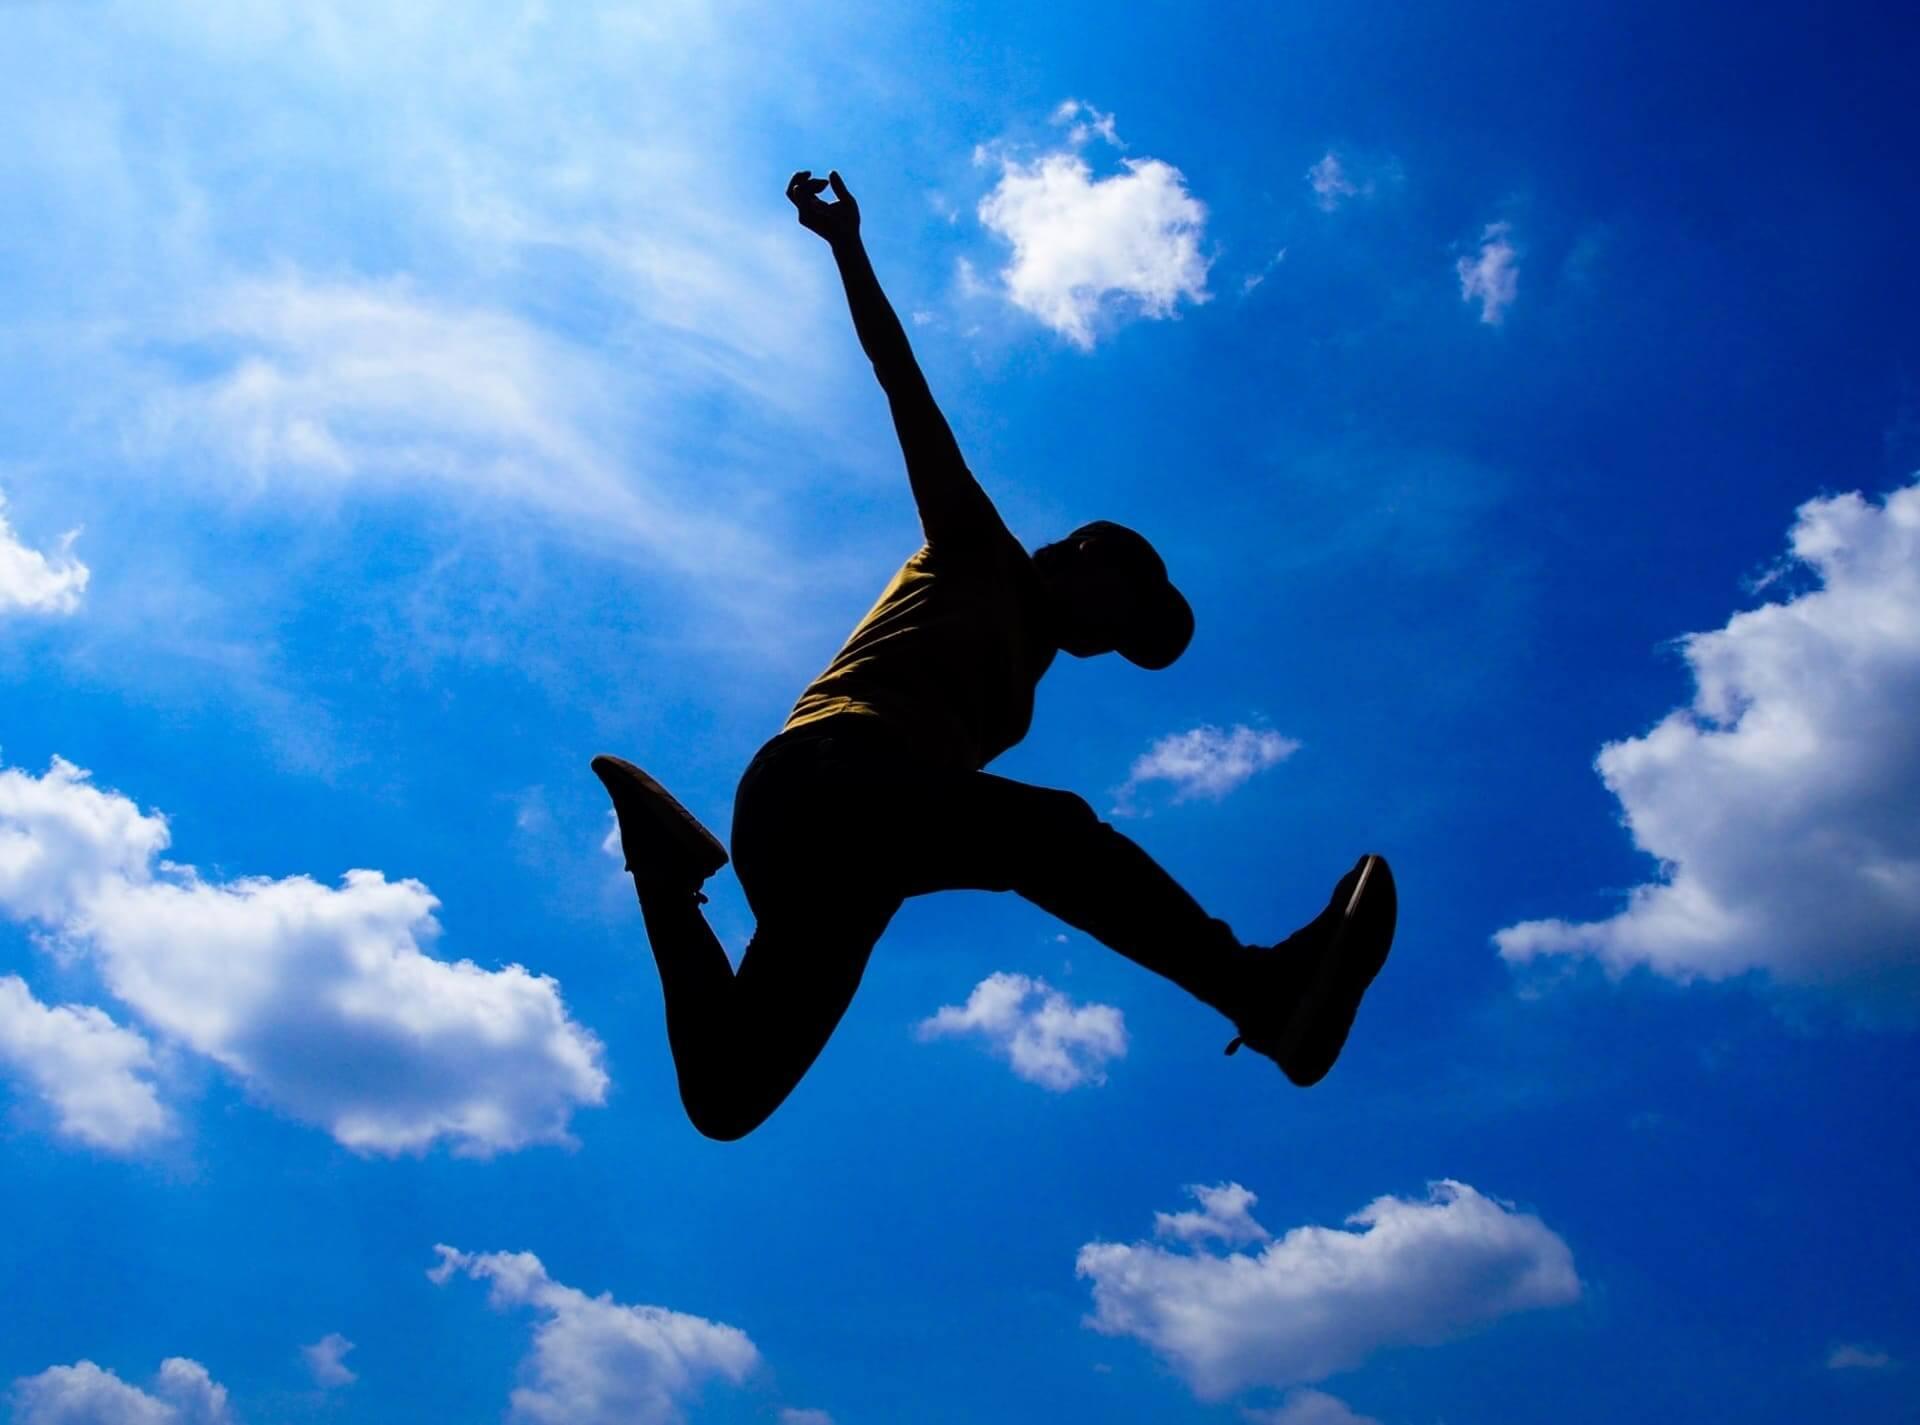 開運占い|あなたの運気がアップする人脈、成功分野、お金の活かし方